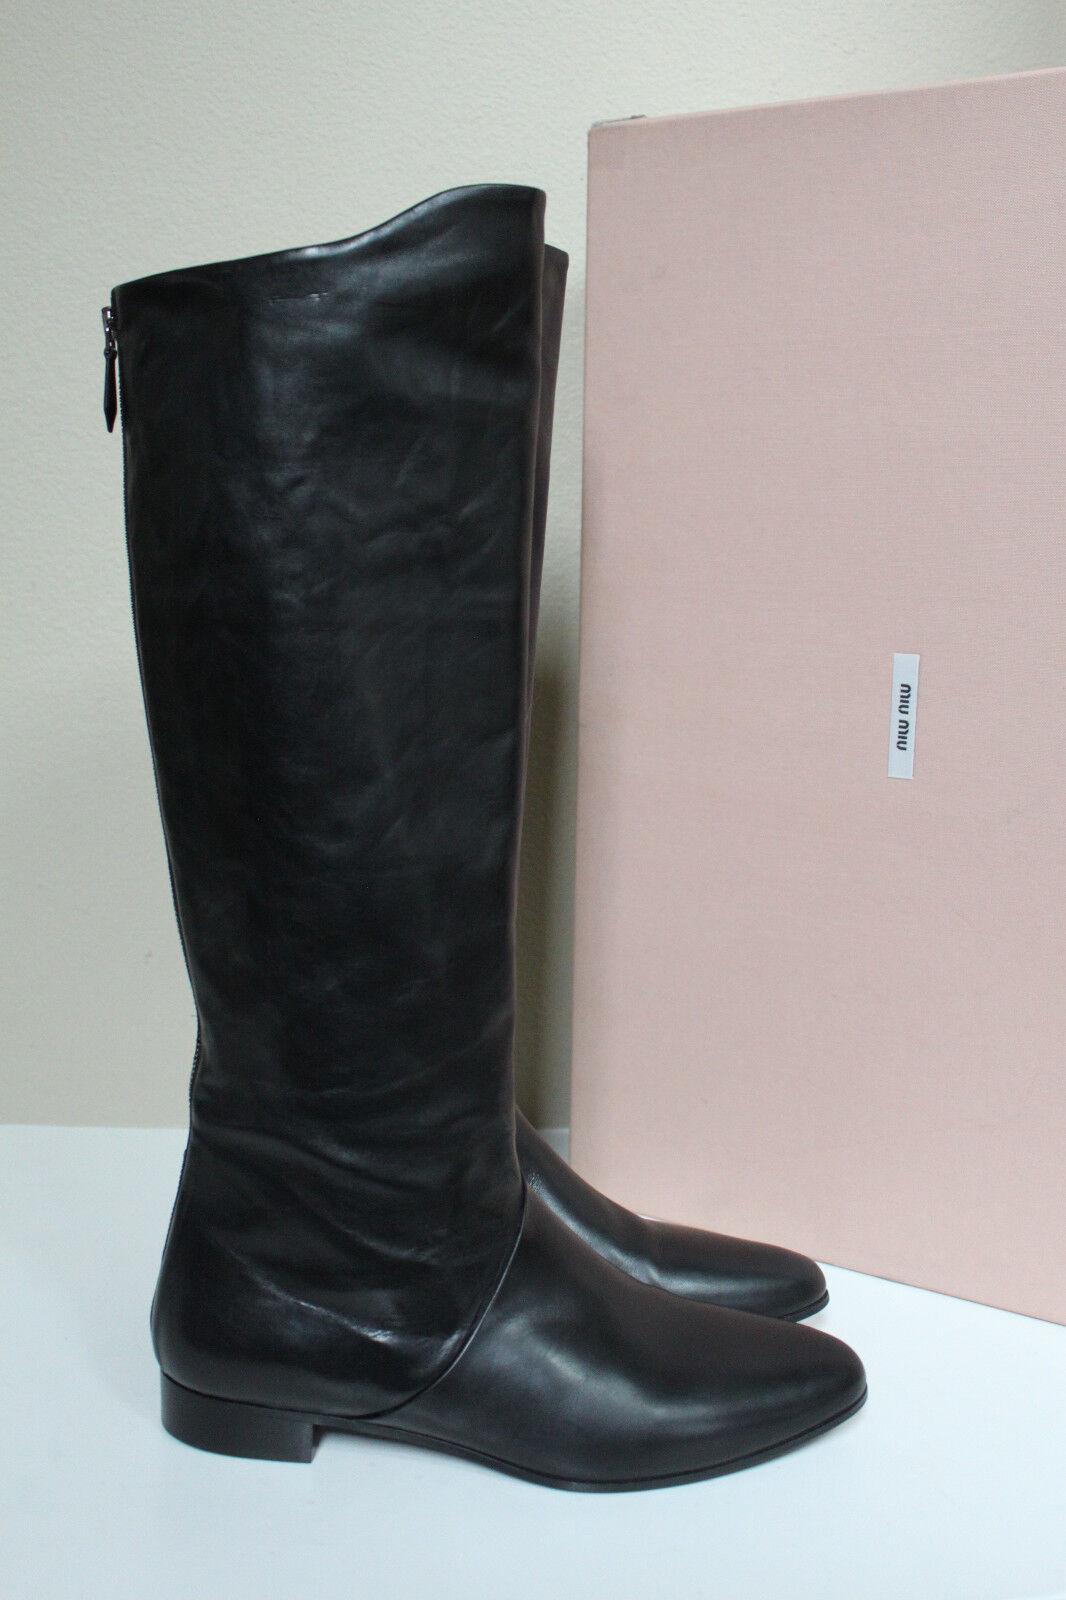 autorizzazione ufficiale New sz 5.5     35.5 Miu Miu Pointed Toe nero Leather Knee High Low Heel avvio Shoe  seleziona tra le nuove marche come